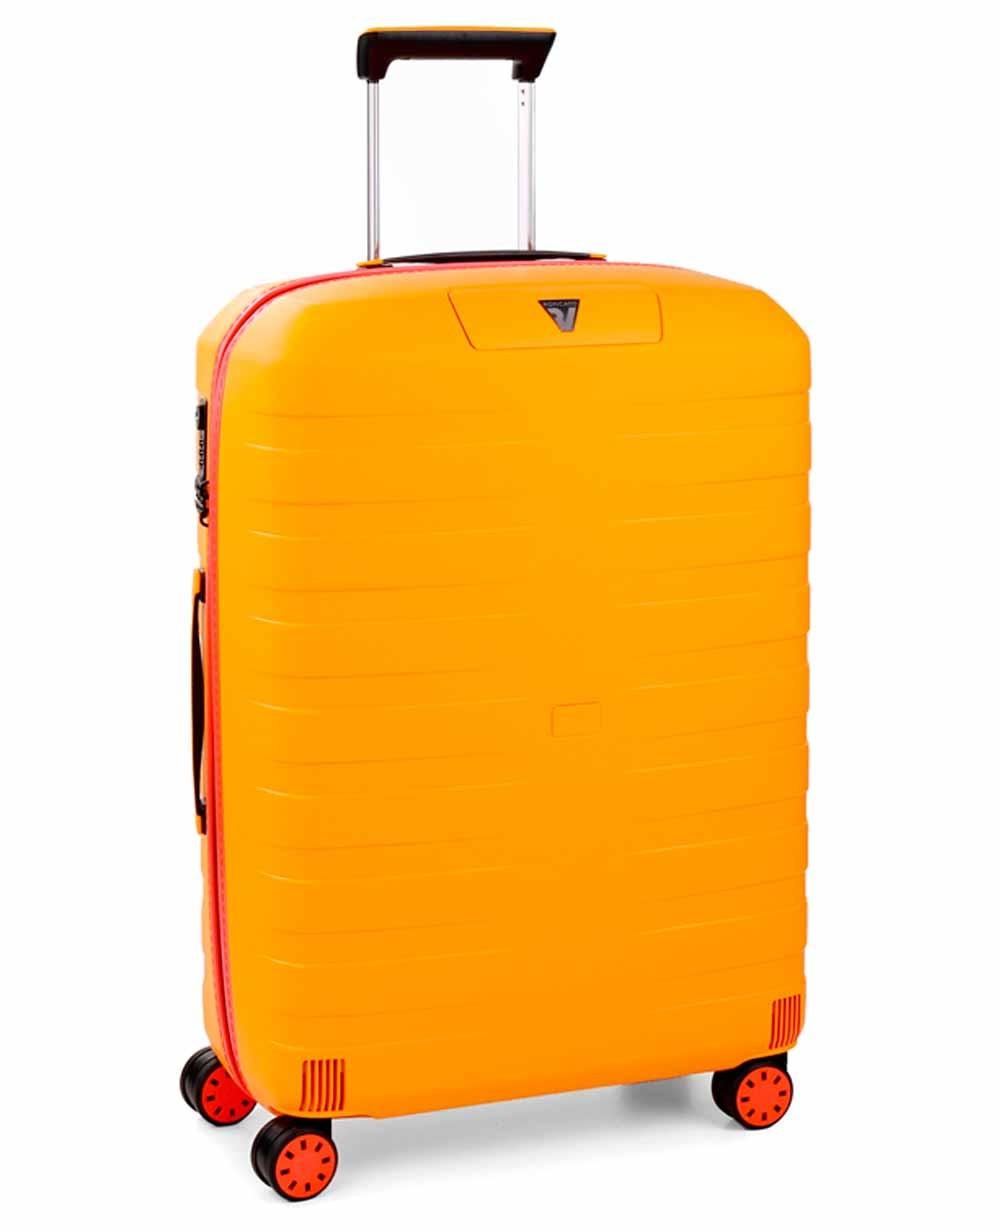 Roncato Box Young Maleta mediana Amarilla (Foto )